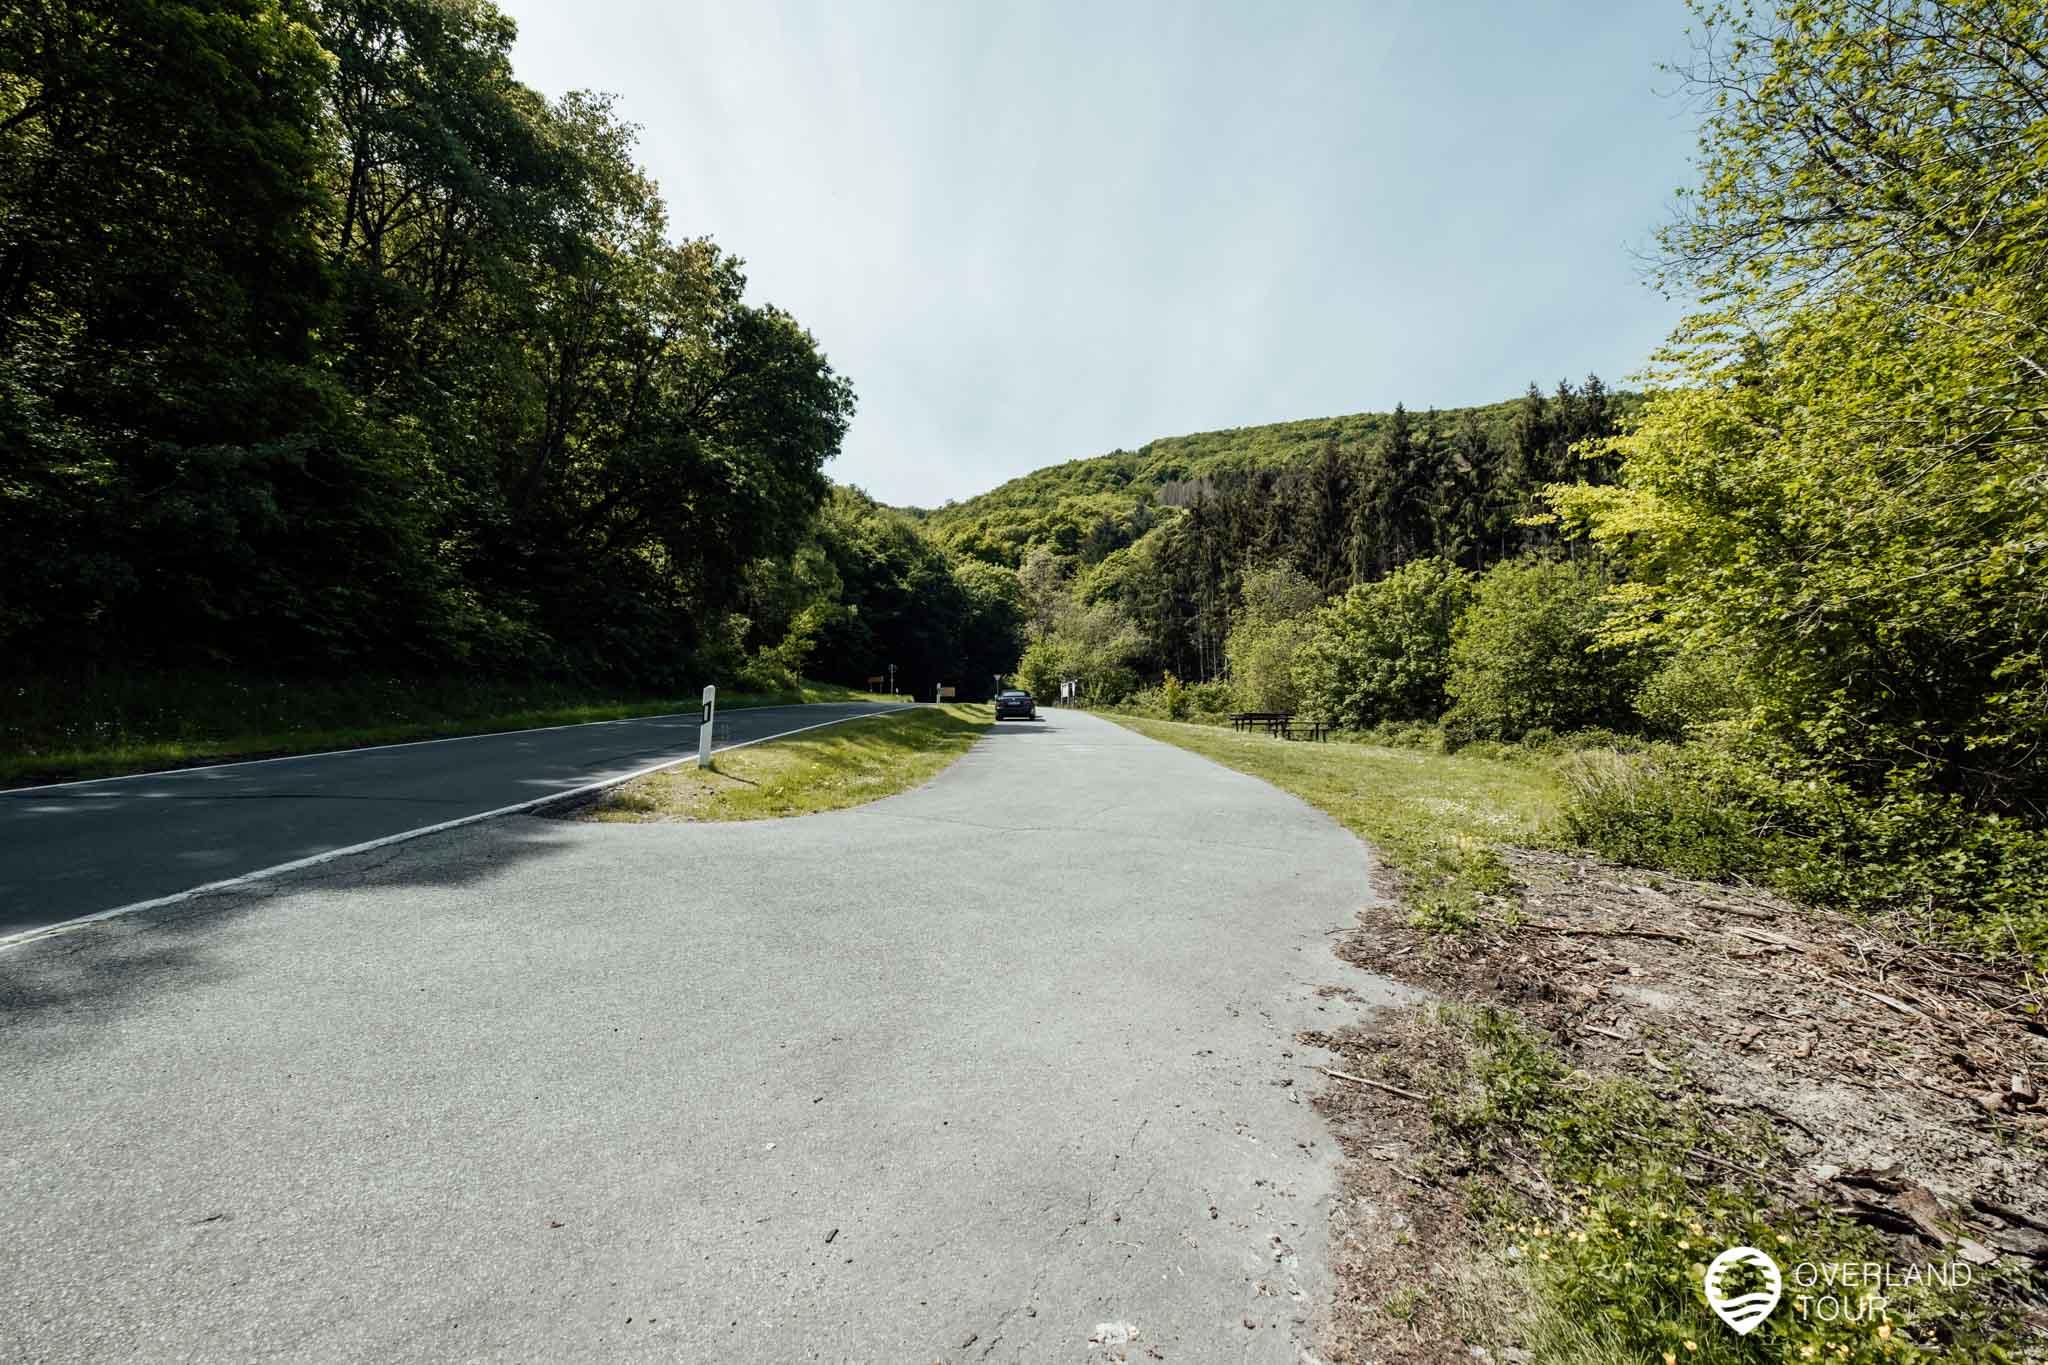 Der Wanderparkplatz Patelsbach ist der offizielle Start- und Zielpunkt der Traumschleife Rheingold